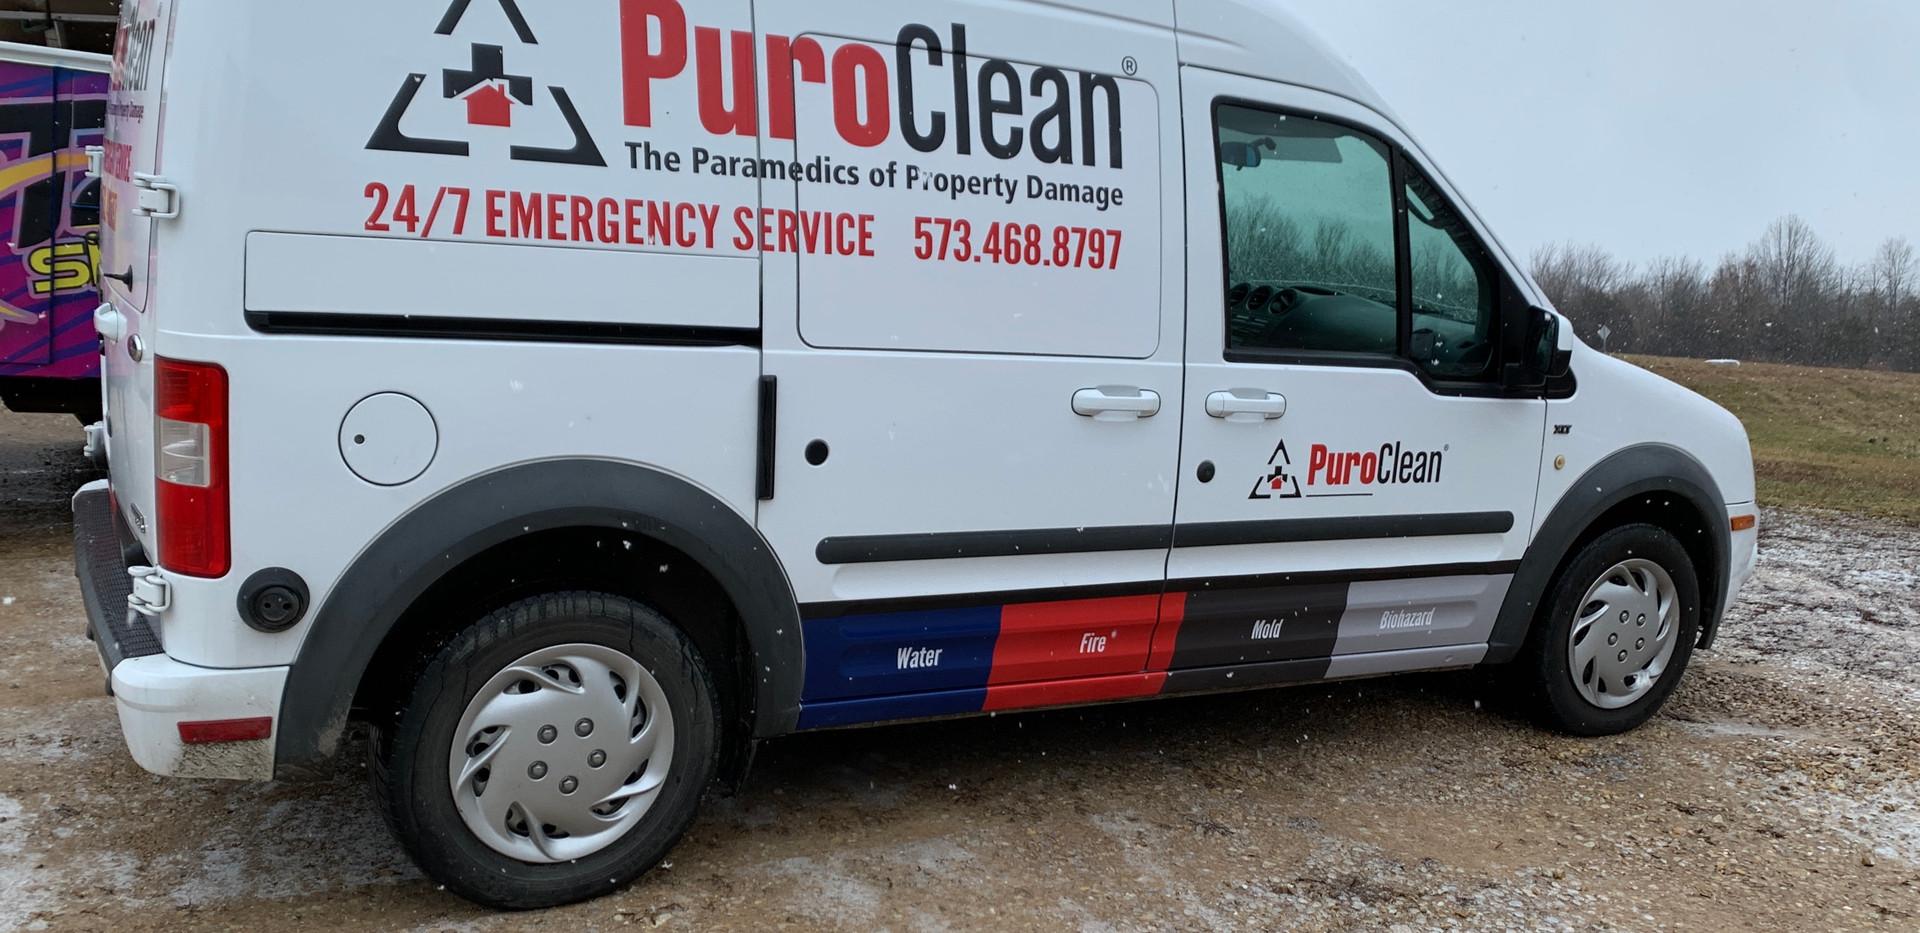 PuroClean Fleet Van